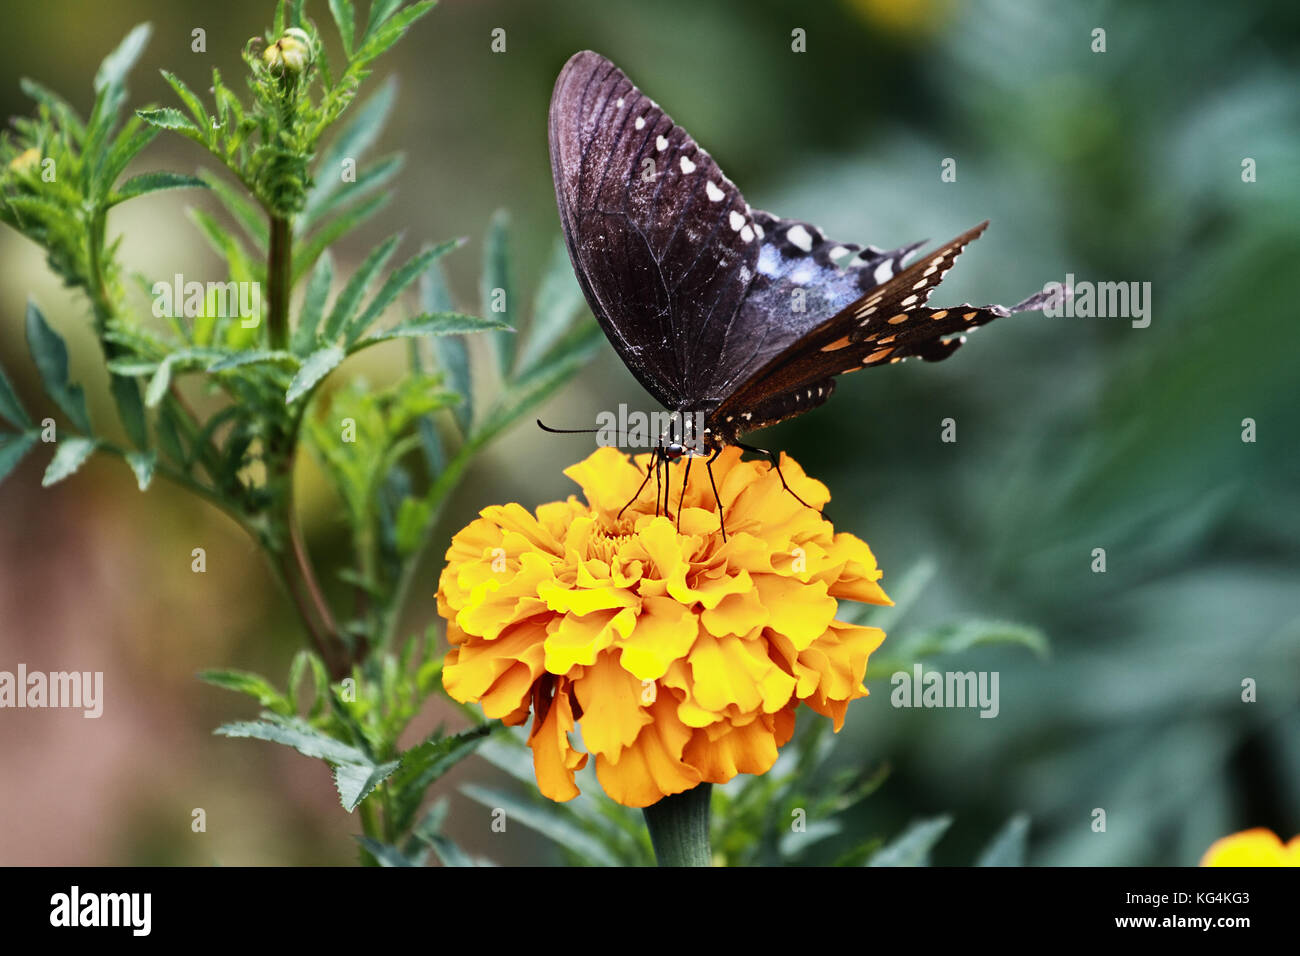 Una especie (Papilio polyxenes spicebush) butterfly alimentación desde una flor caléndula naranja en el sol del Foto de stock